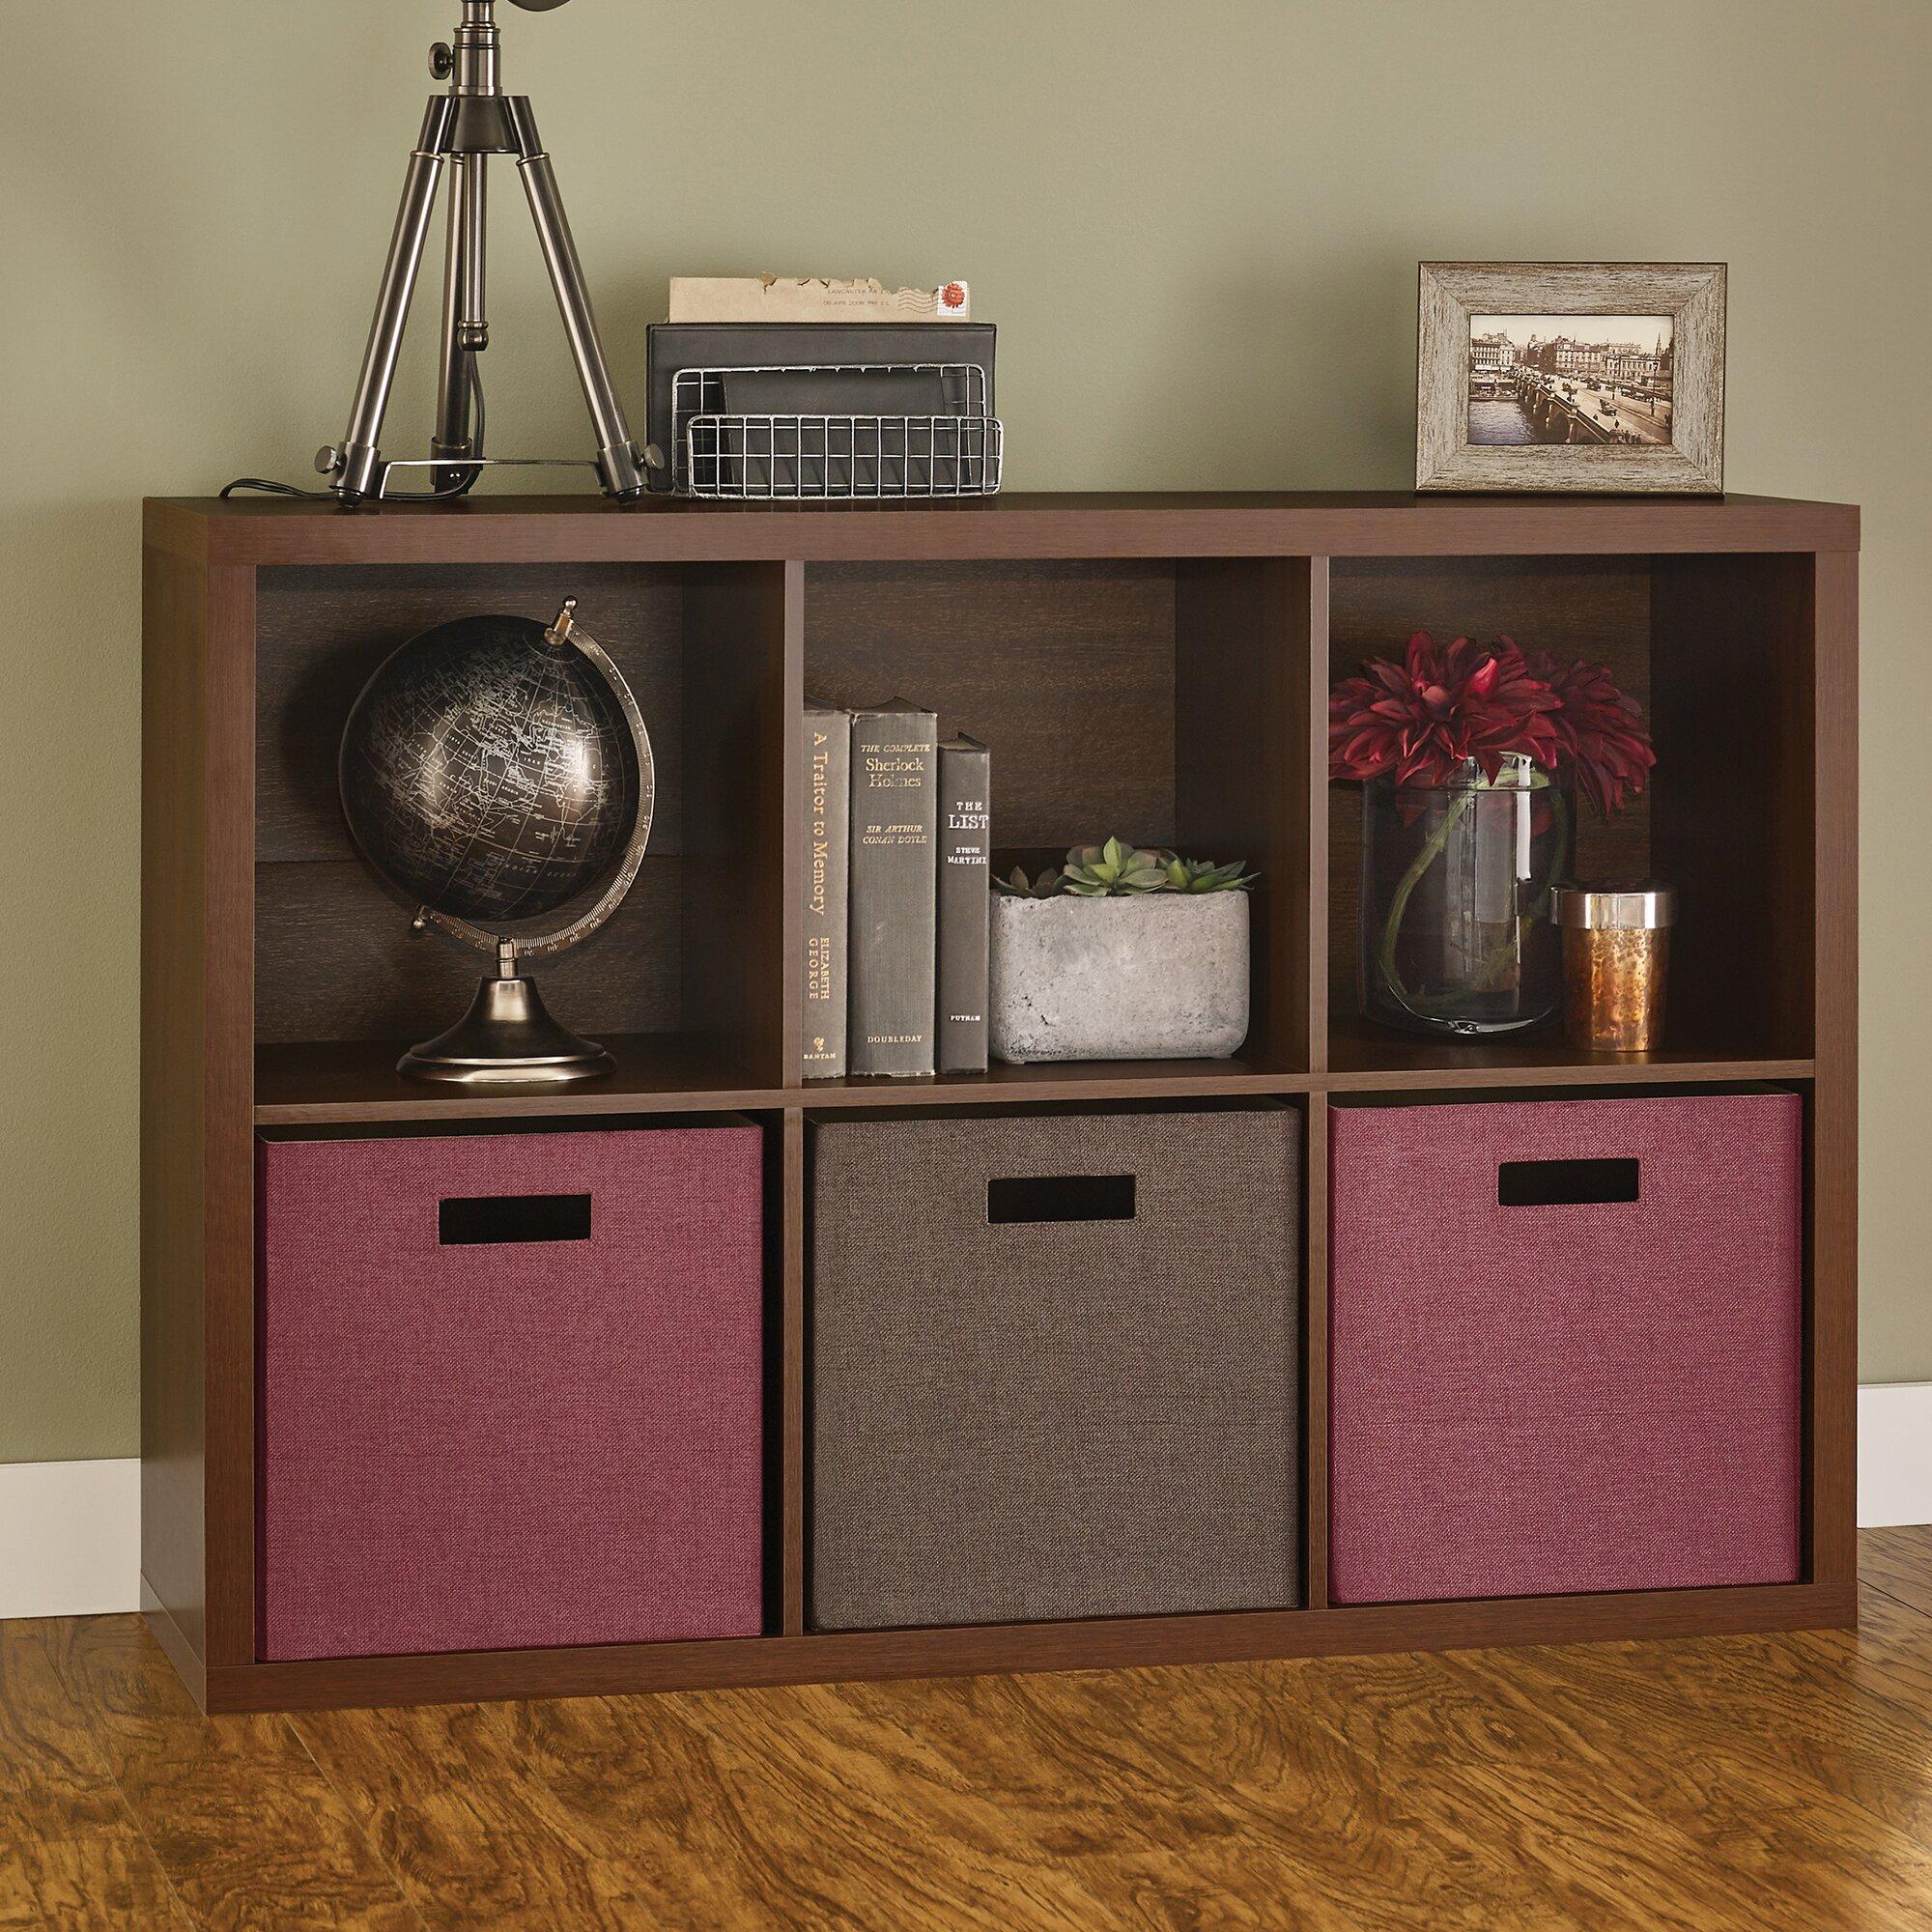 Decorative Boxes For Bookshelf : Closetmaid decorative storage quot cube unit bookcase